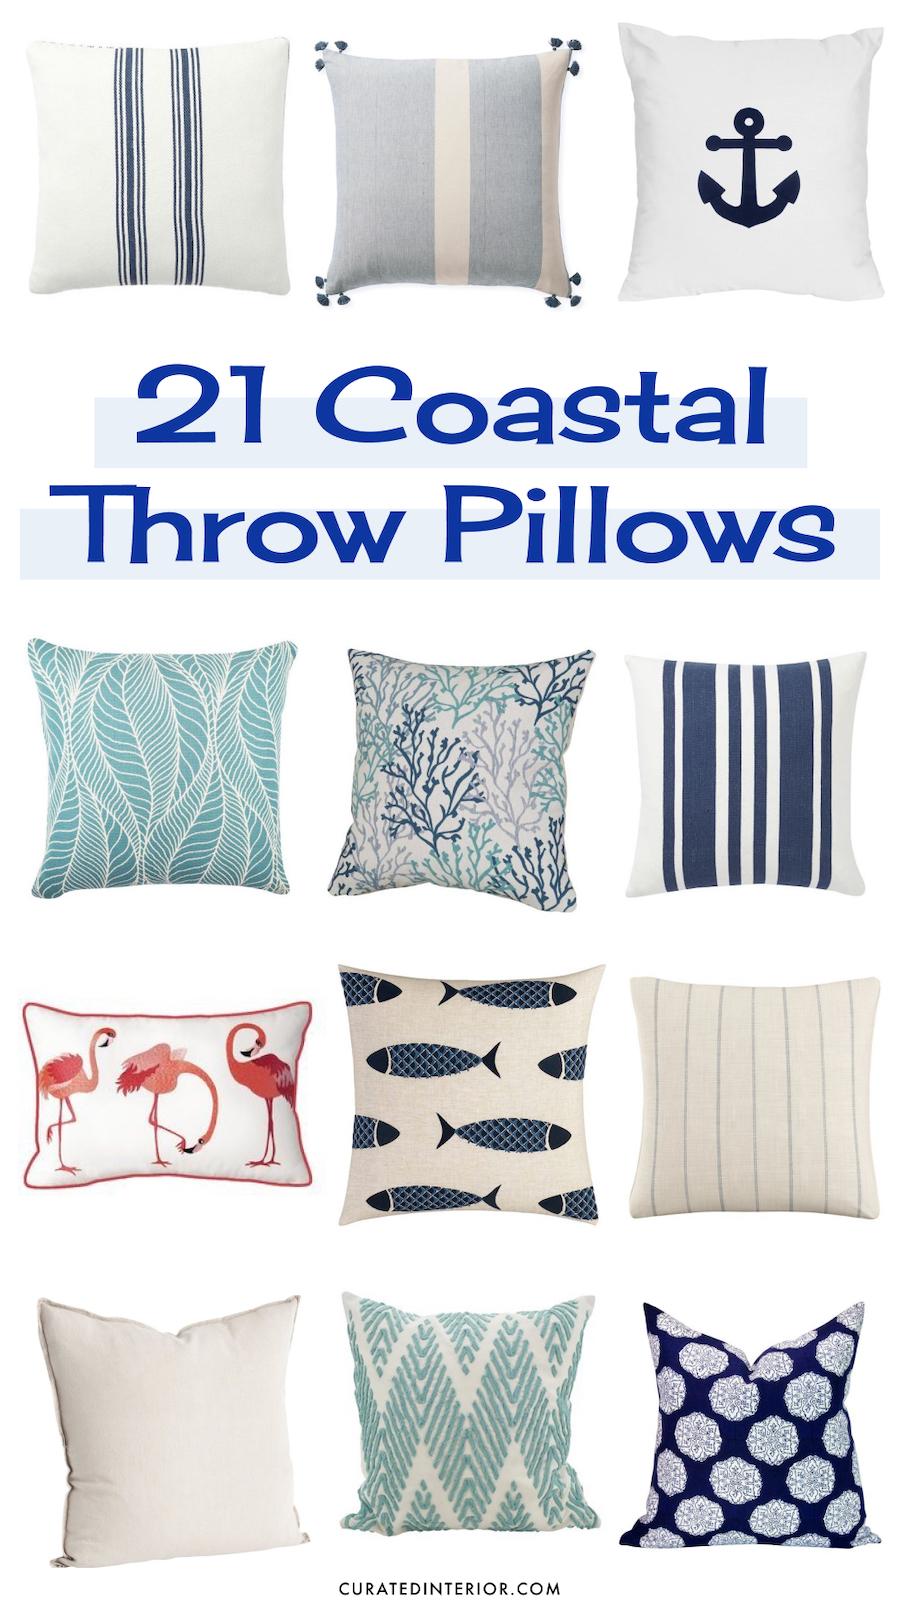 21 coastal throw pillows perfect for